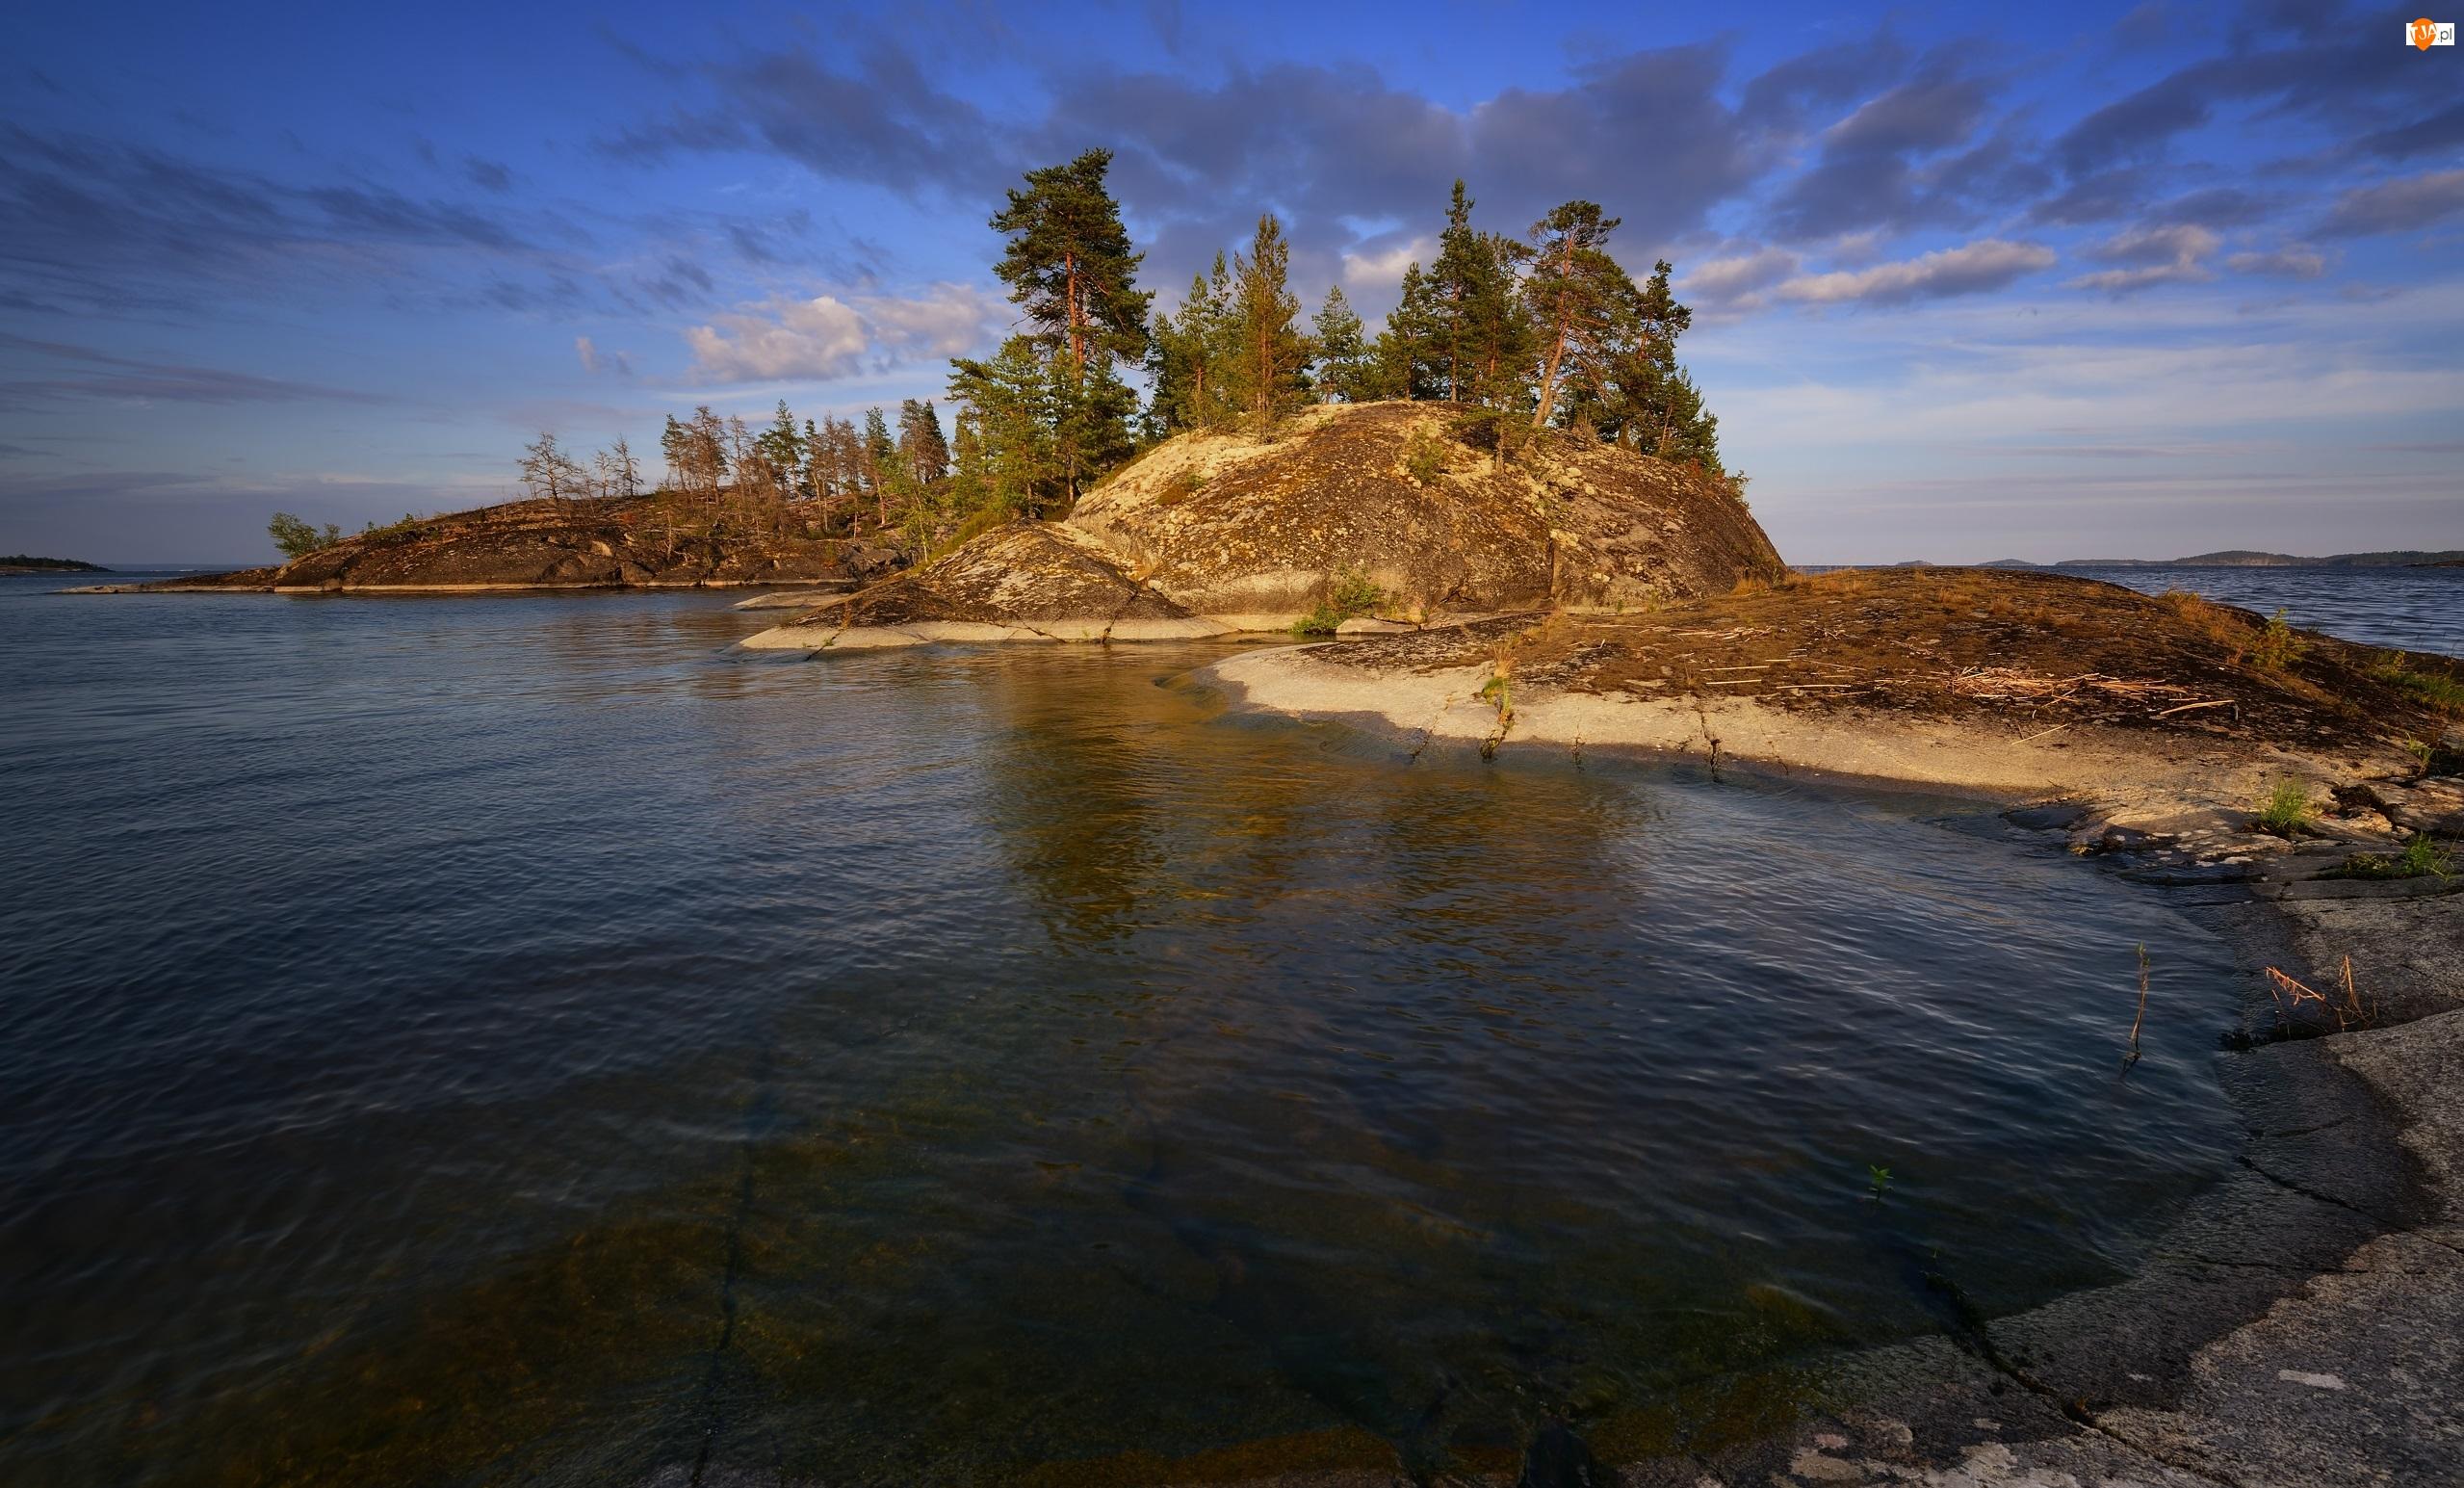 Wysepka, Jezioro Ładoga, Drzewa, Rosja, Skały, Karelia